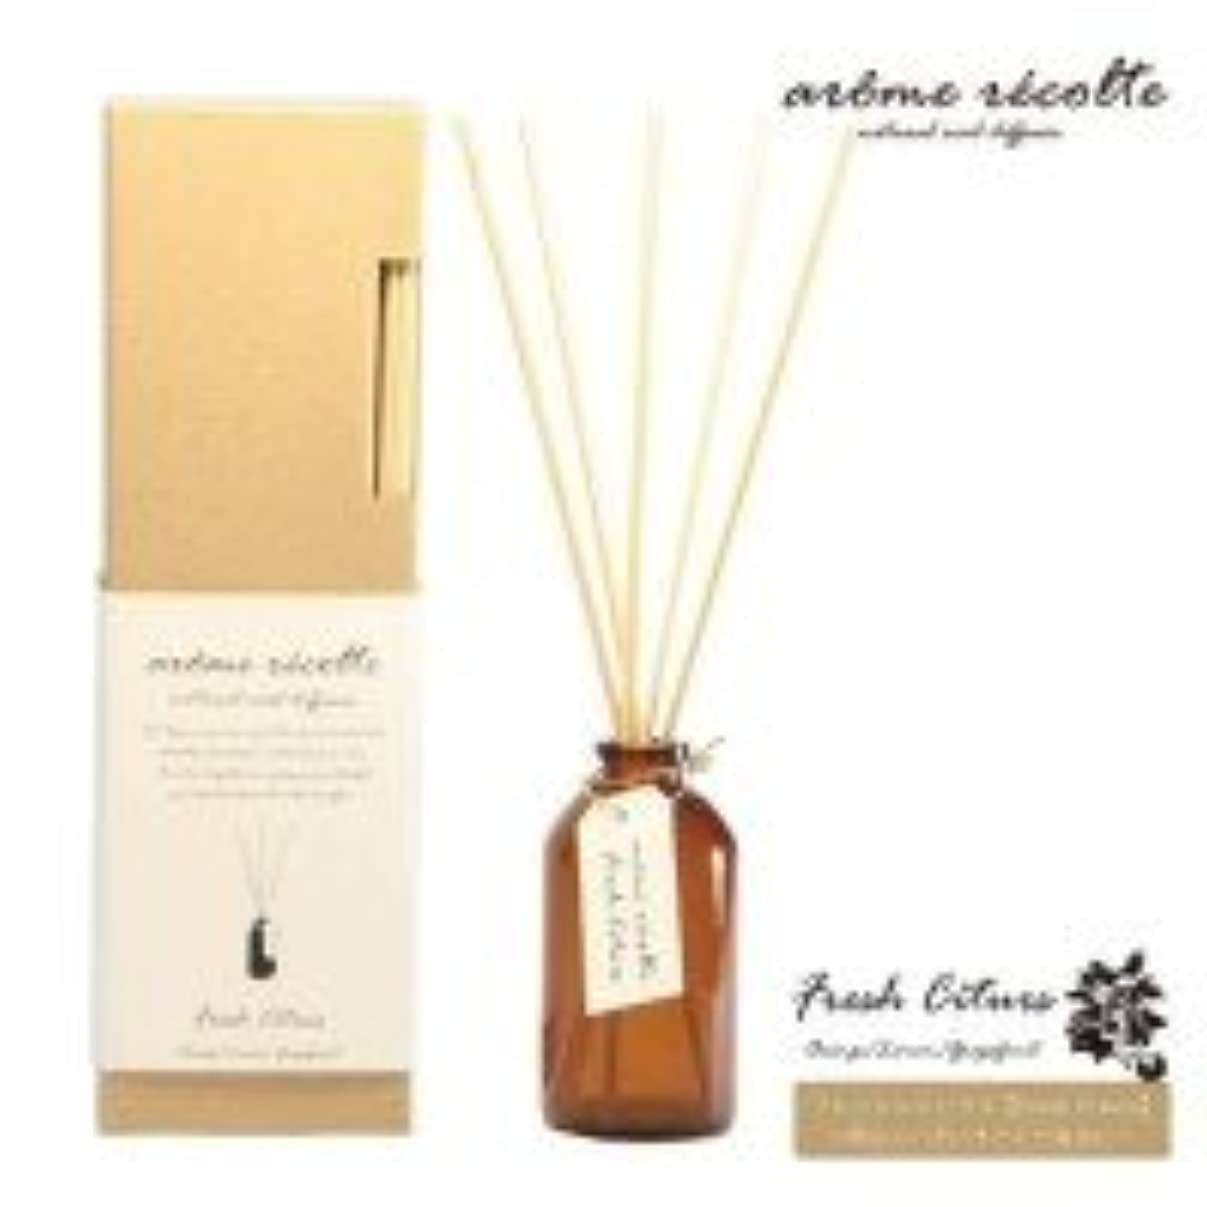 草冷える肌寒いアロマレコルト ナチュラルアロマディフューザー  フレッシュシトラス【Fresh Citurs】 arome rcolte